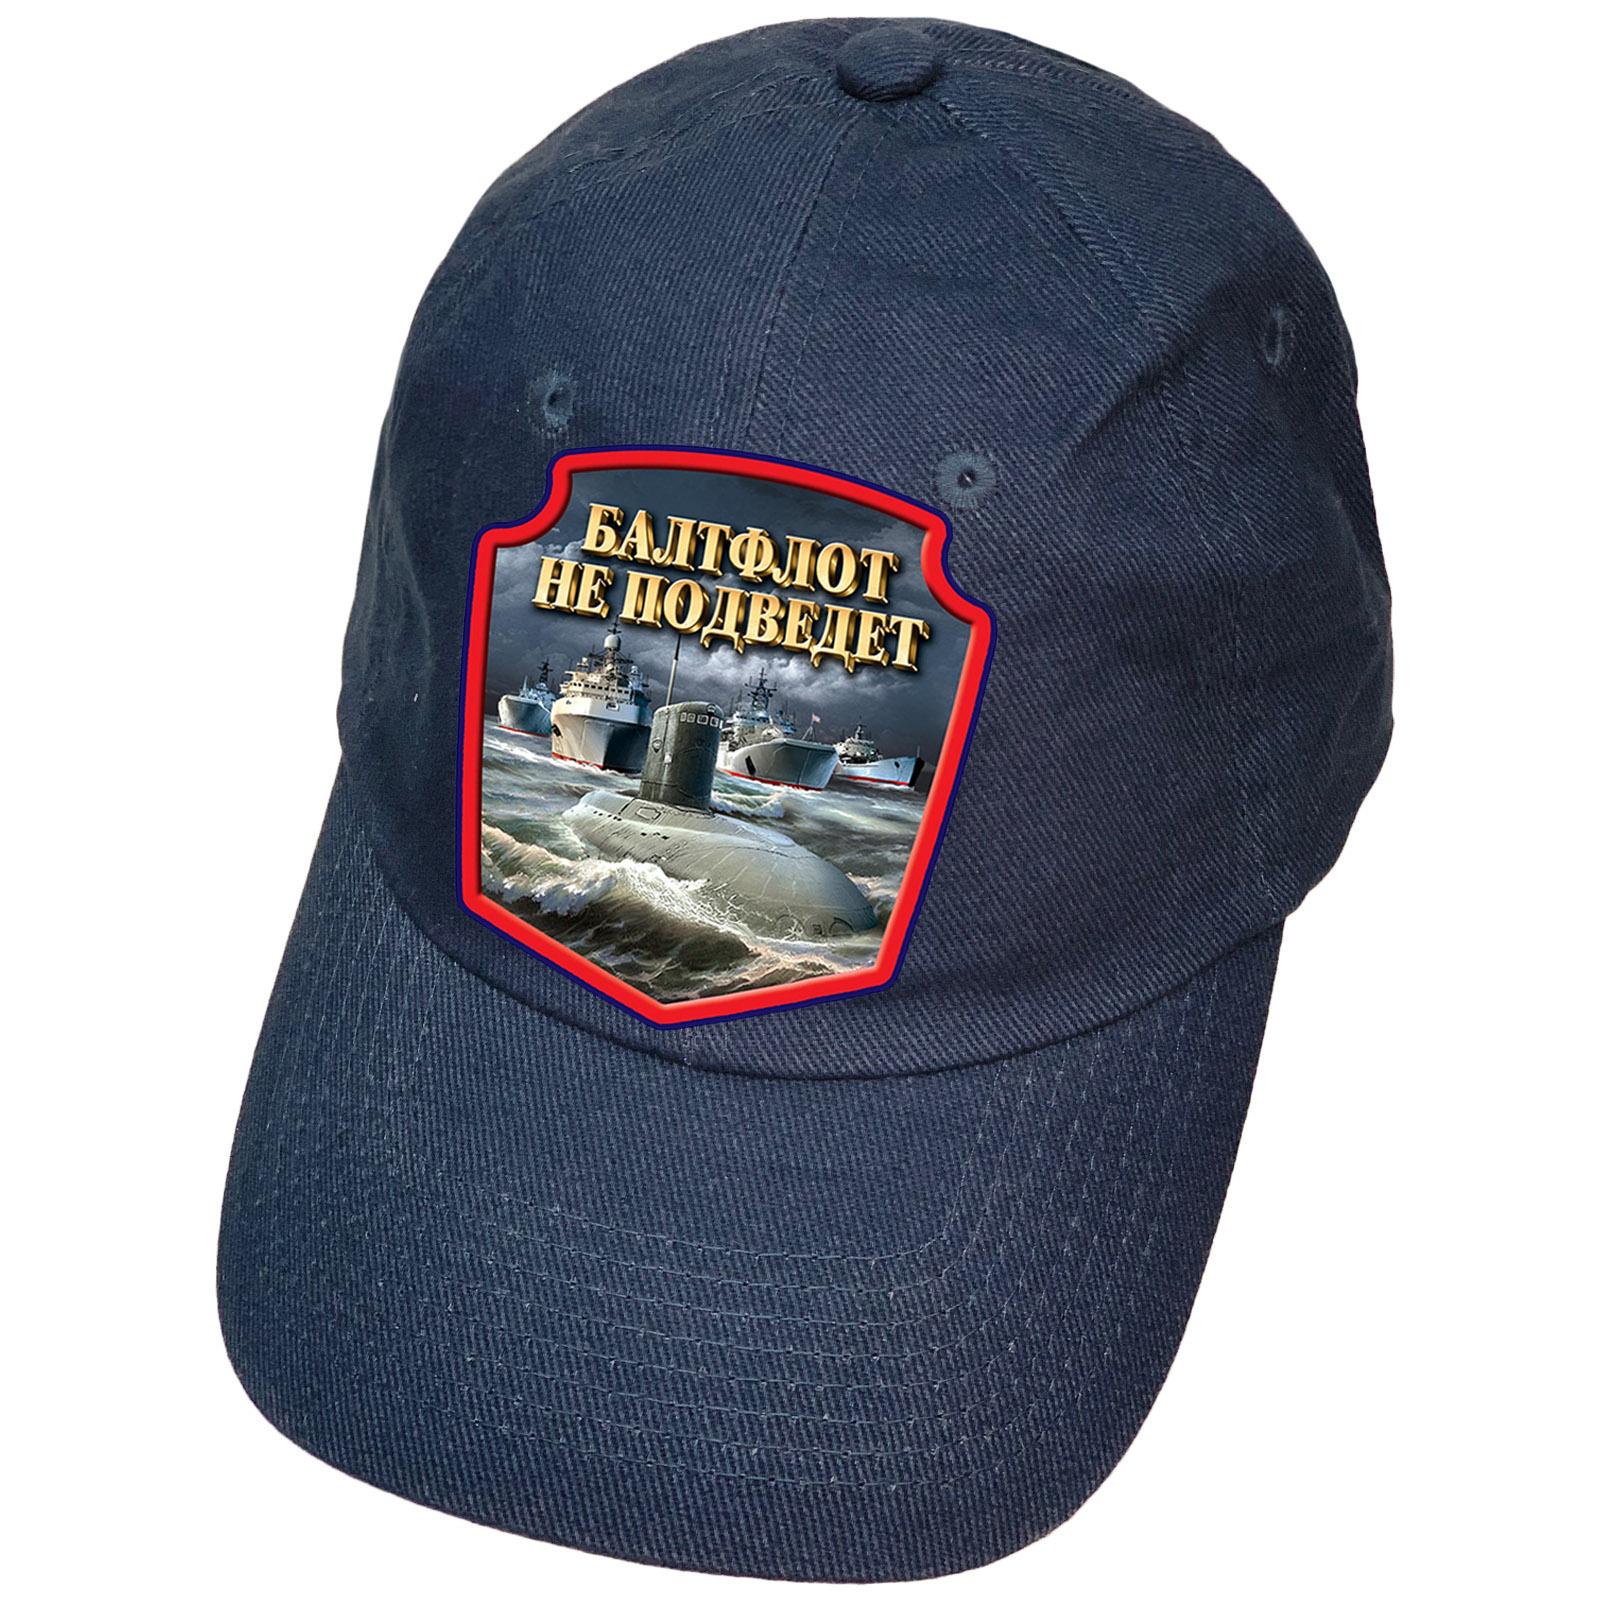 Синяя кепка с термотрансфером Балтфлот не подведёт